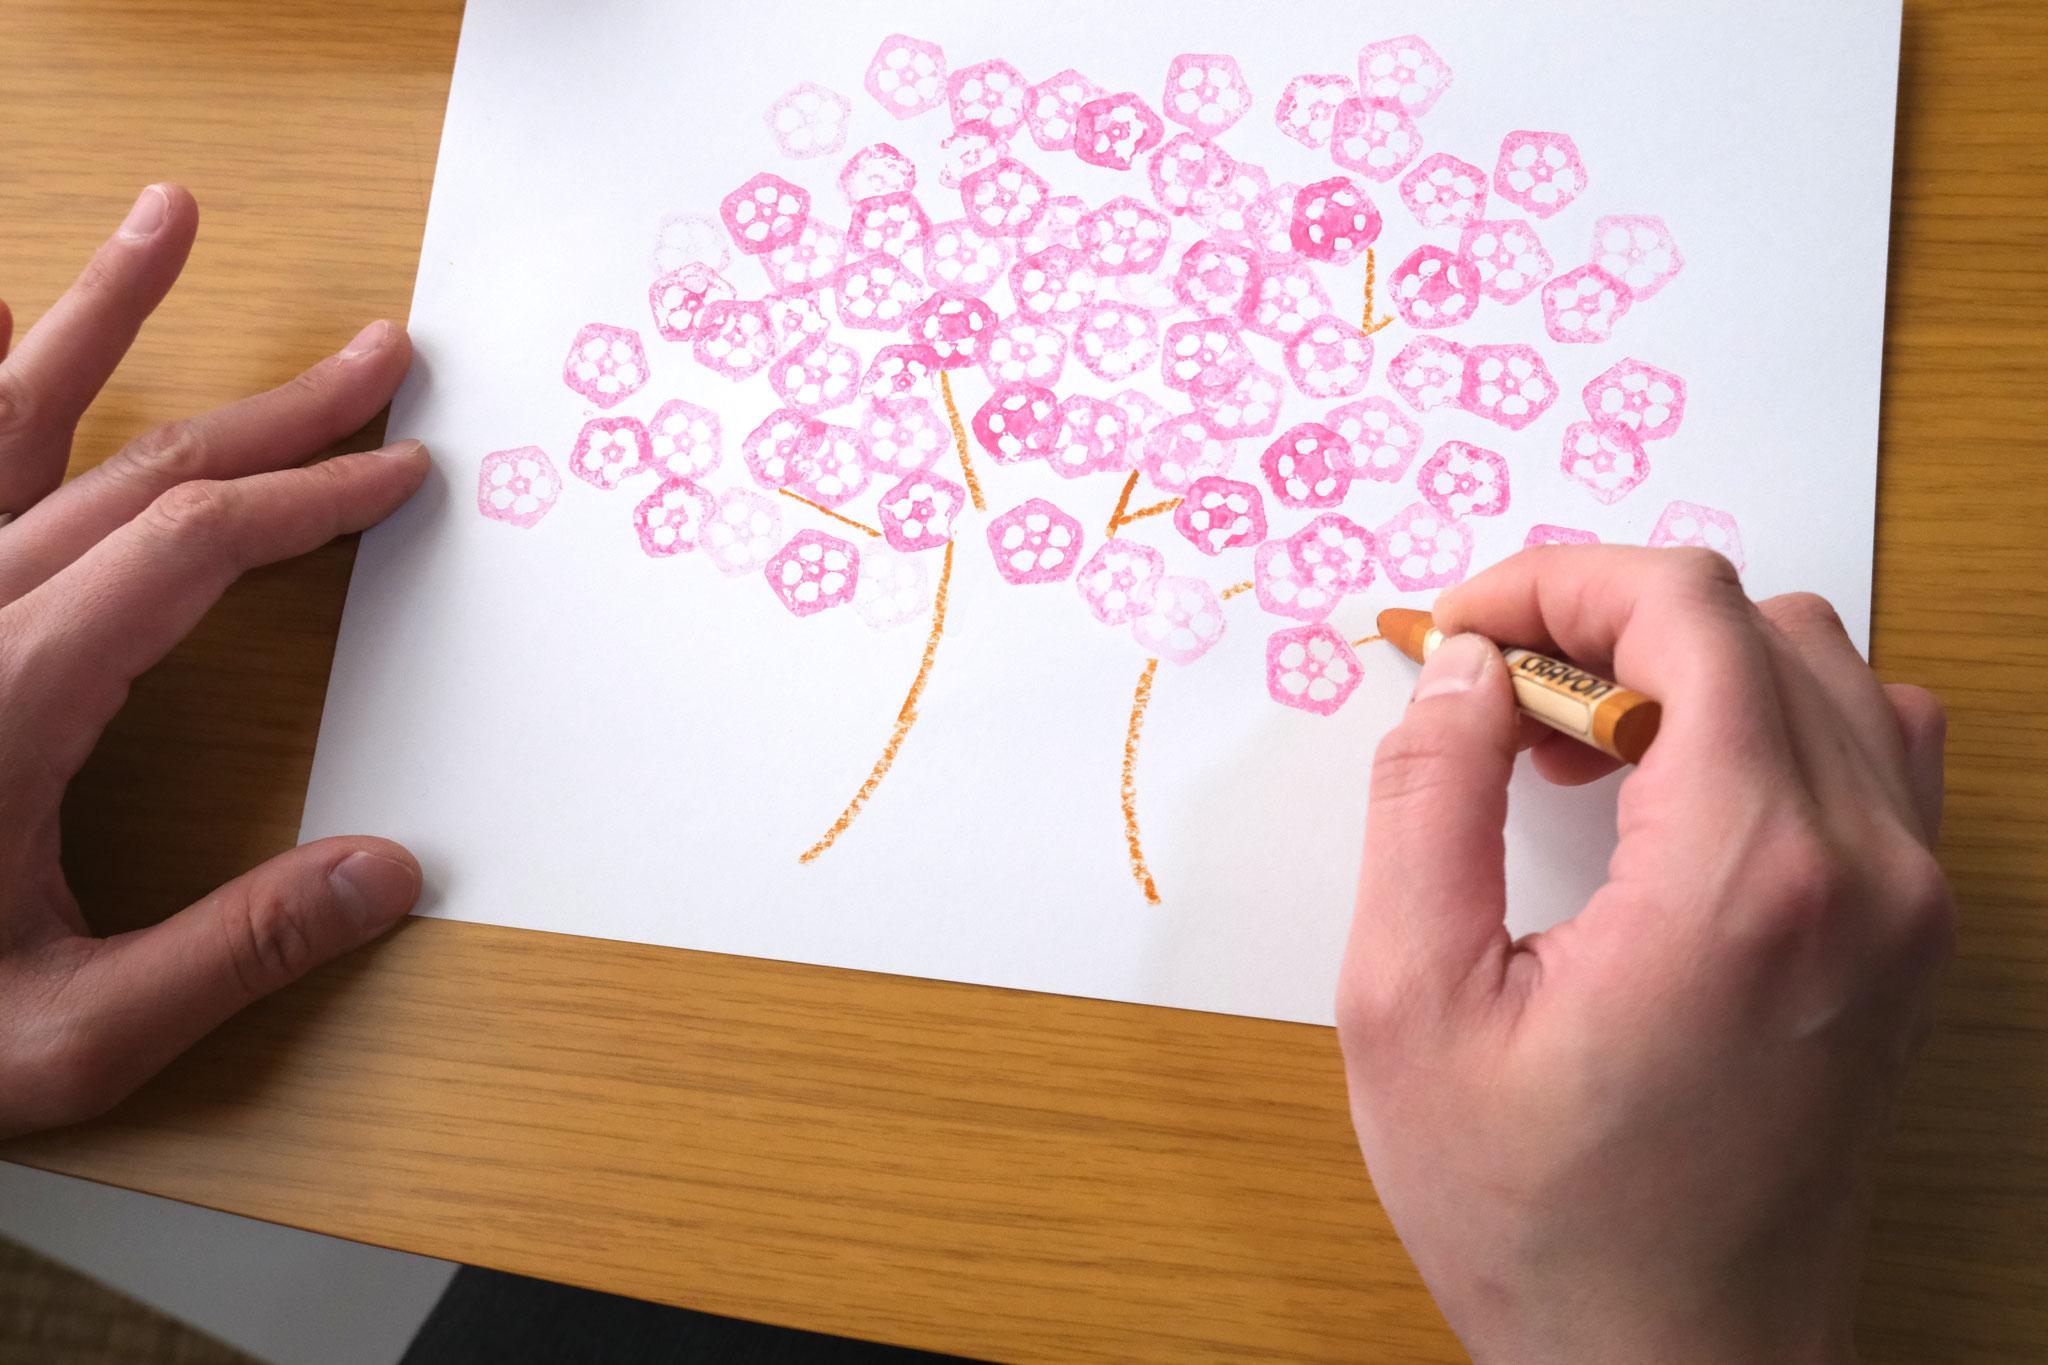 幹を描くと桜の木ができました